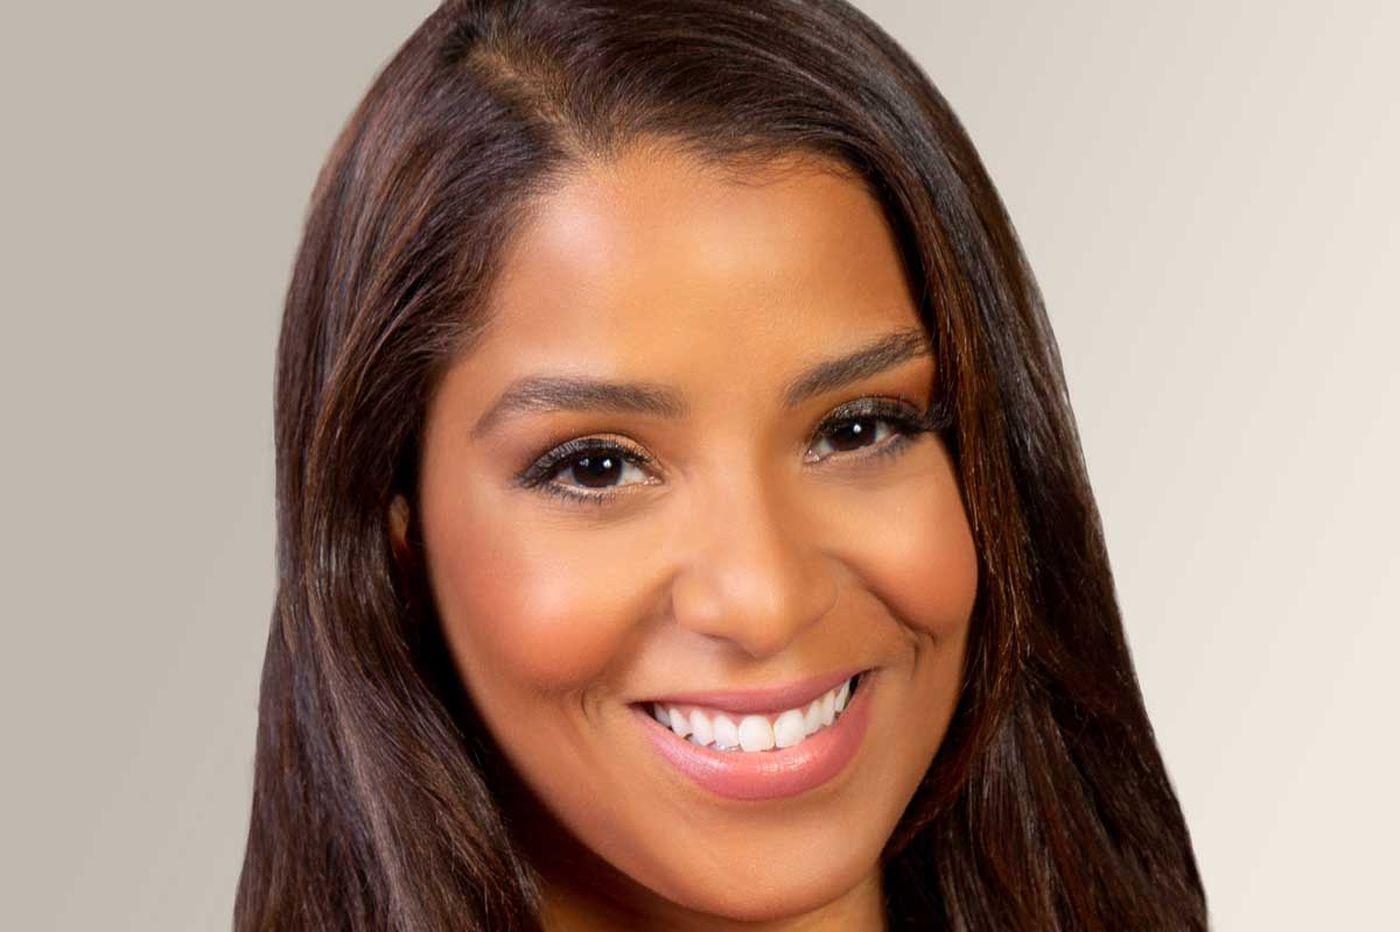 CBS3 names Llarisa Abreu new meteorologist on weekday mornings